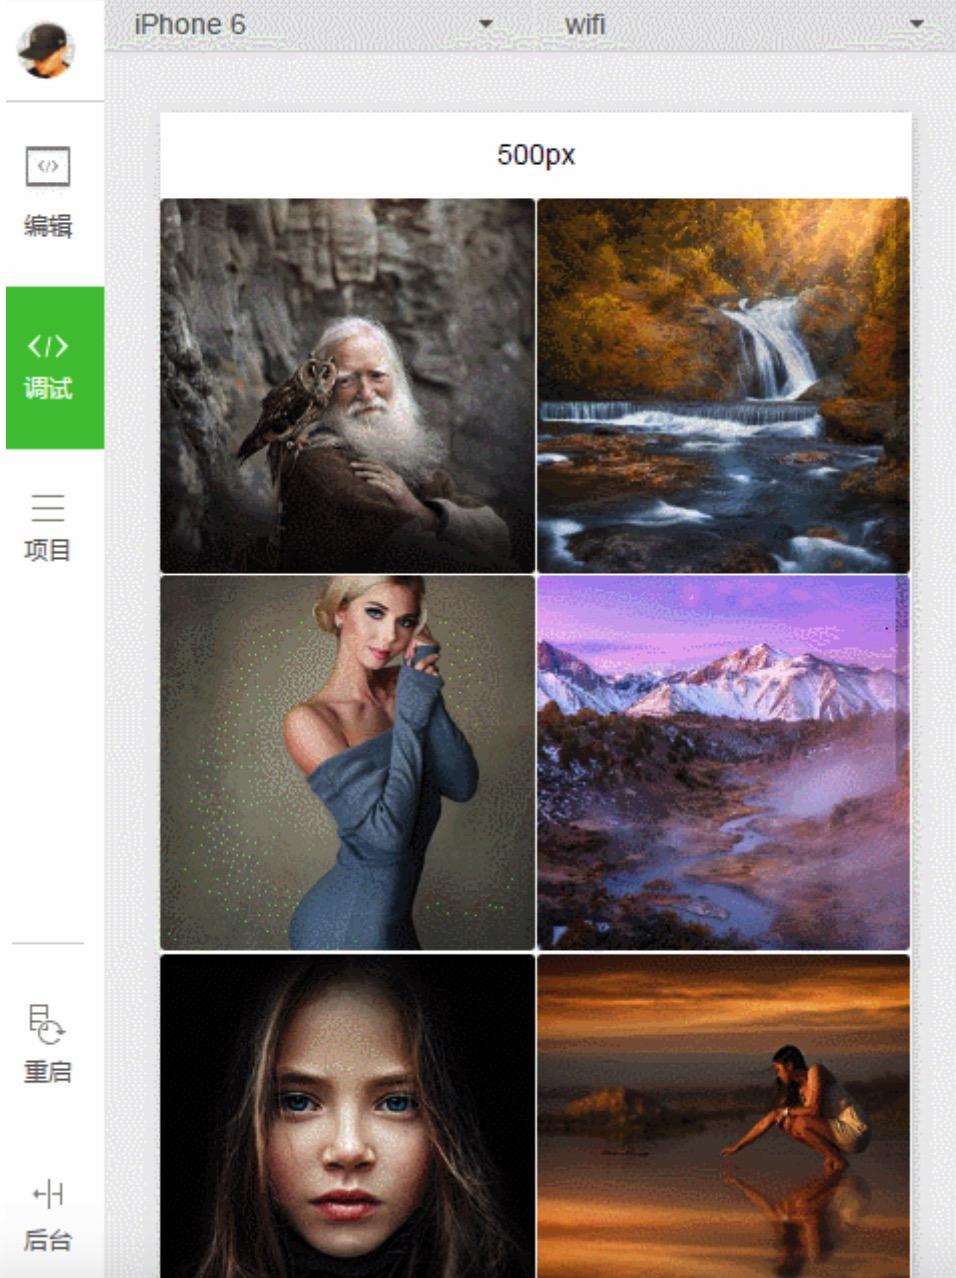 微信小程序 - 国外摄影社区